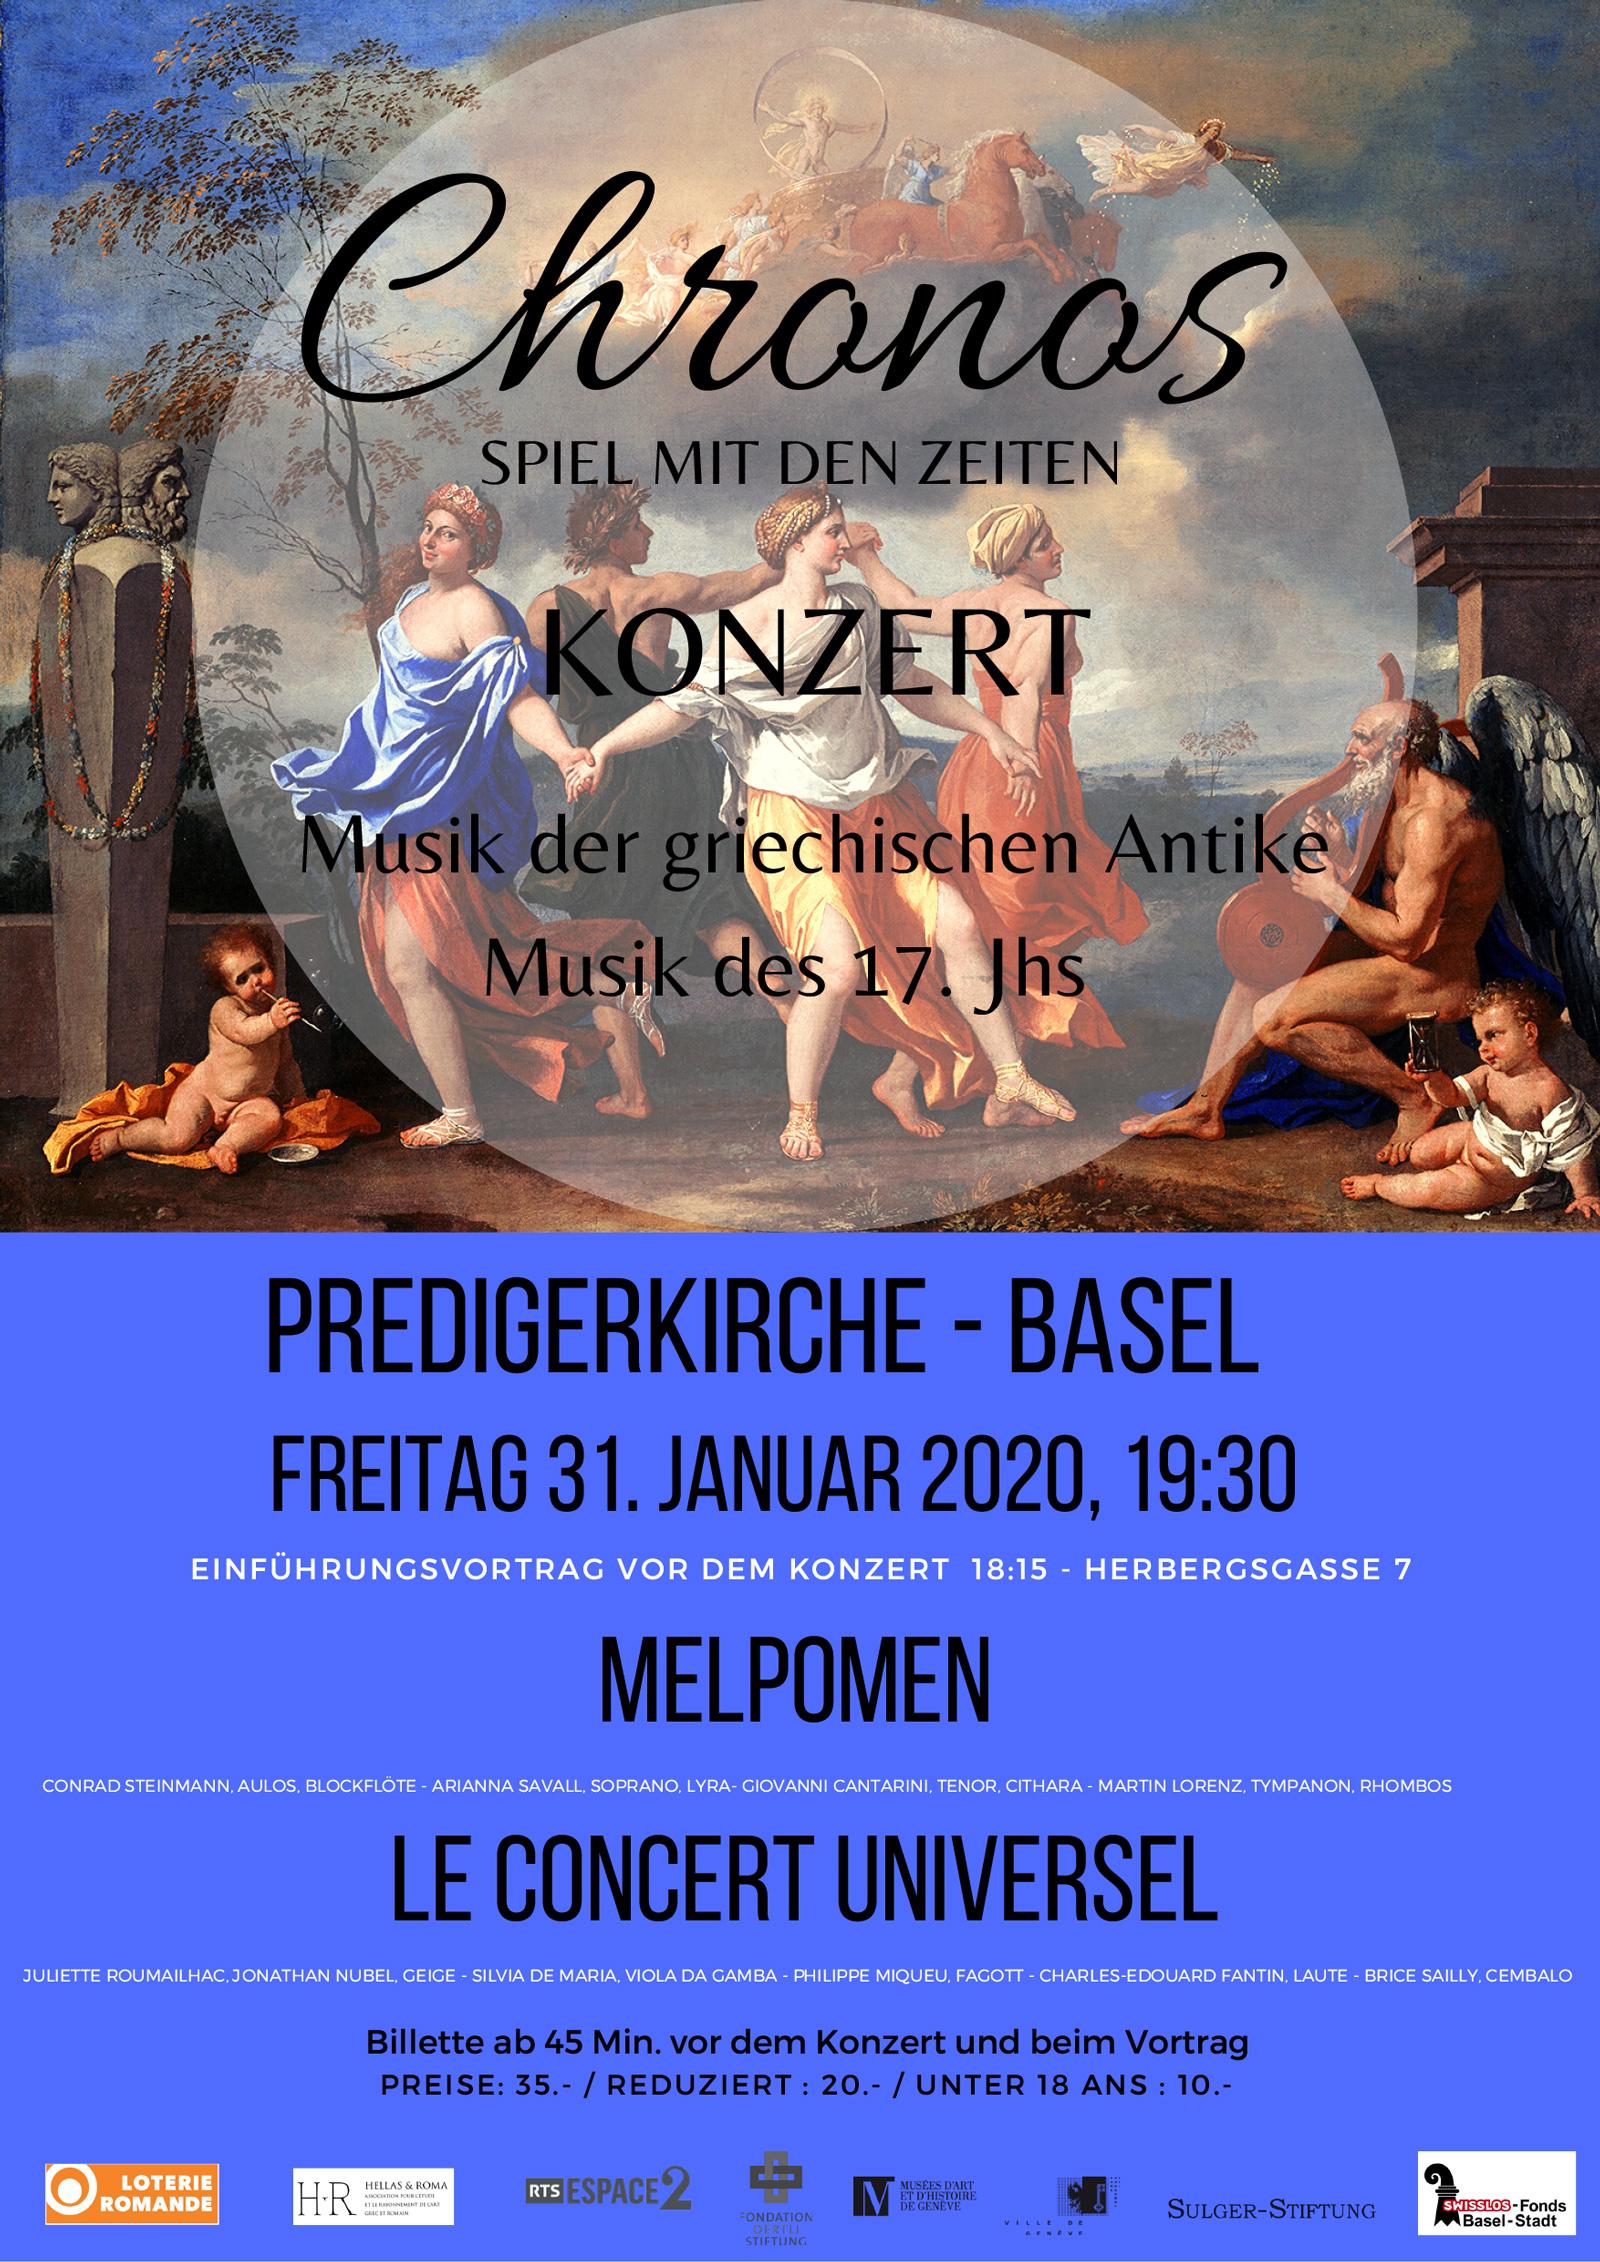 Le-Concert-Universel-Affiche-Chronos-Allemand